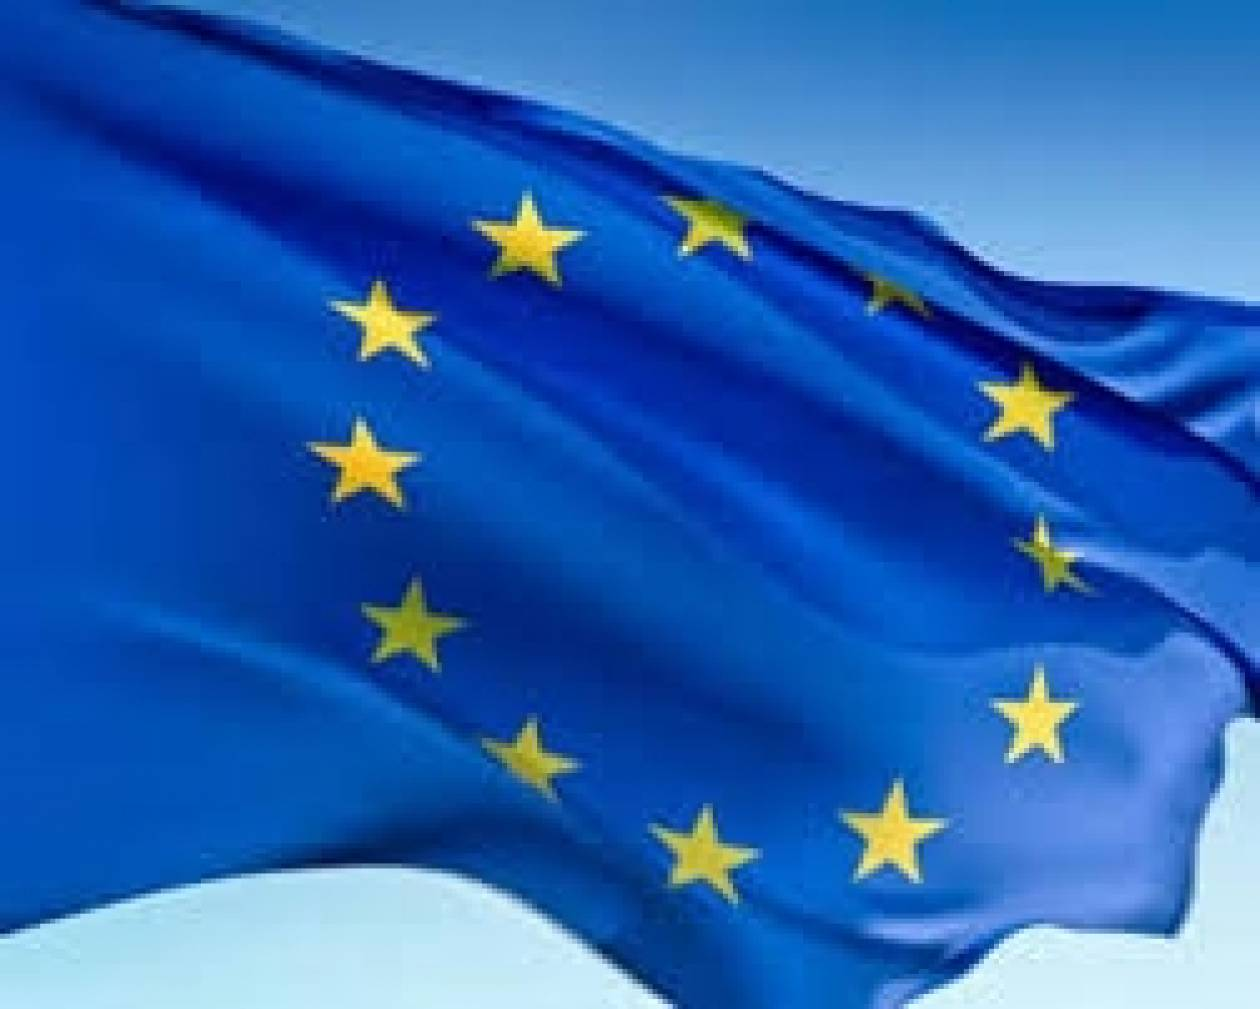 Γκρίνια και τηλεφωνήματα για το ασυμβίβαστο των ευρωβουλευτών